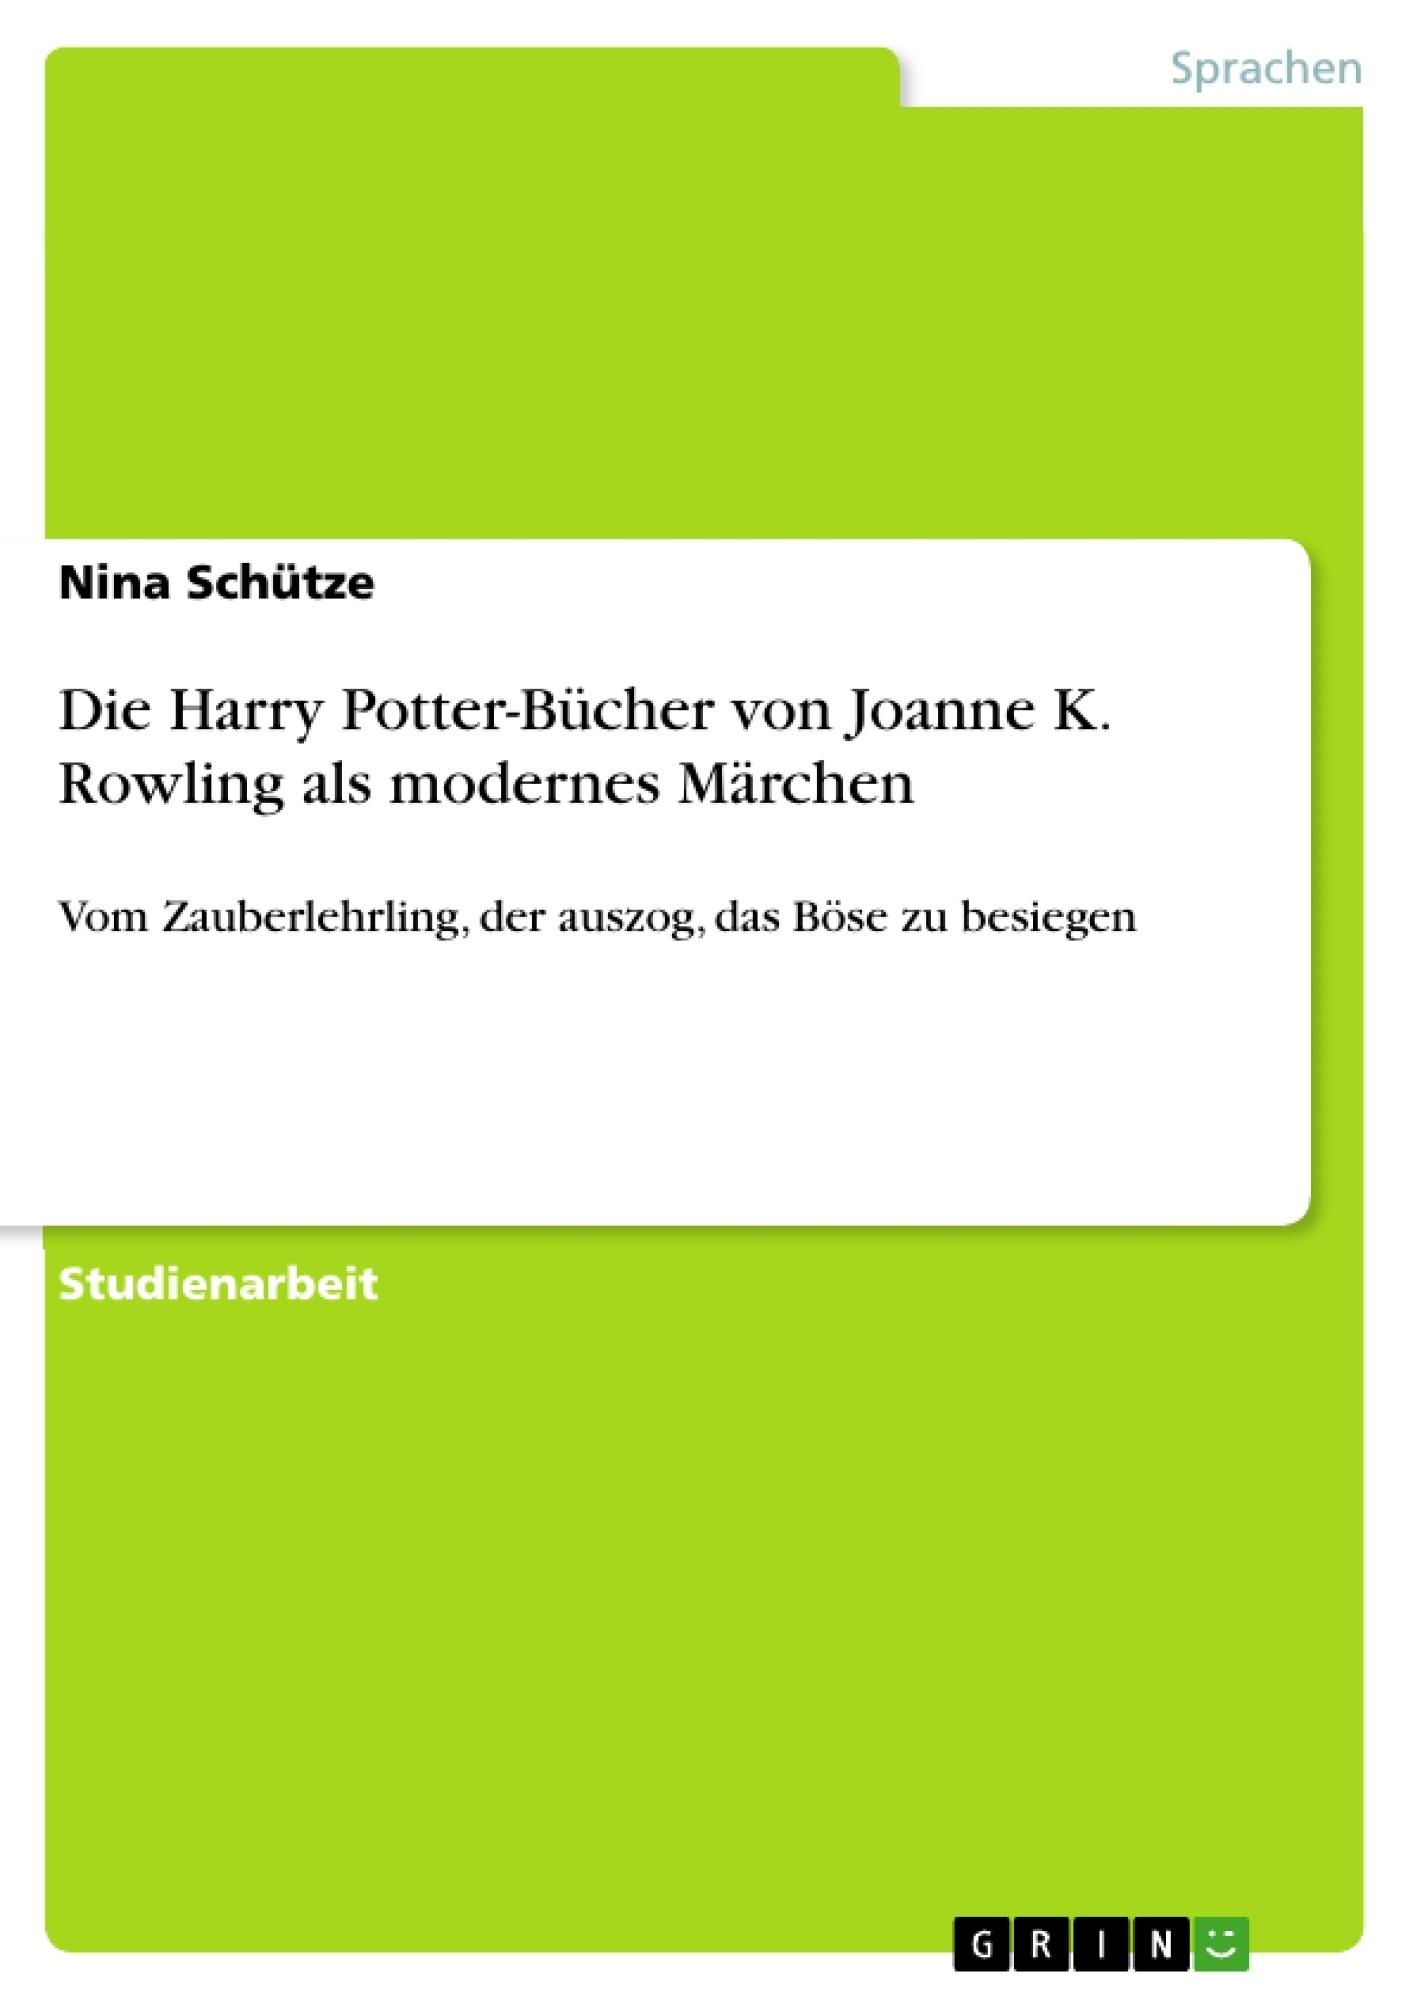 Titel: Die Harry Potter-Bücher von Joanne K. Rowling als modernes Märchen